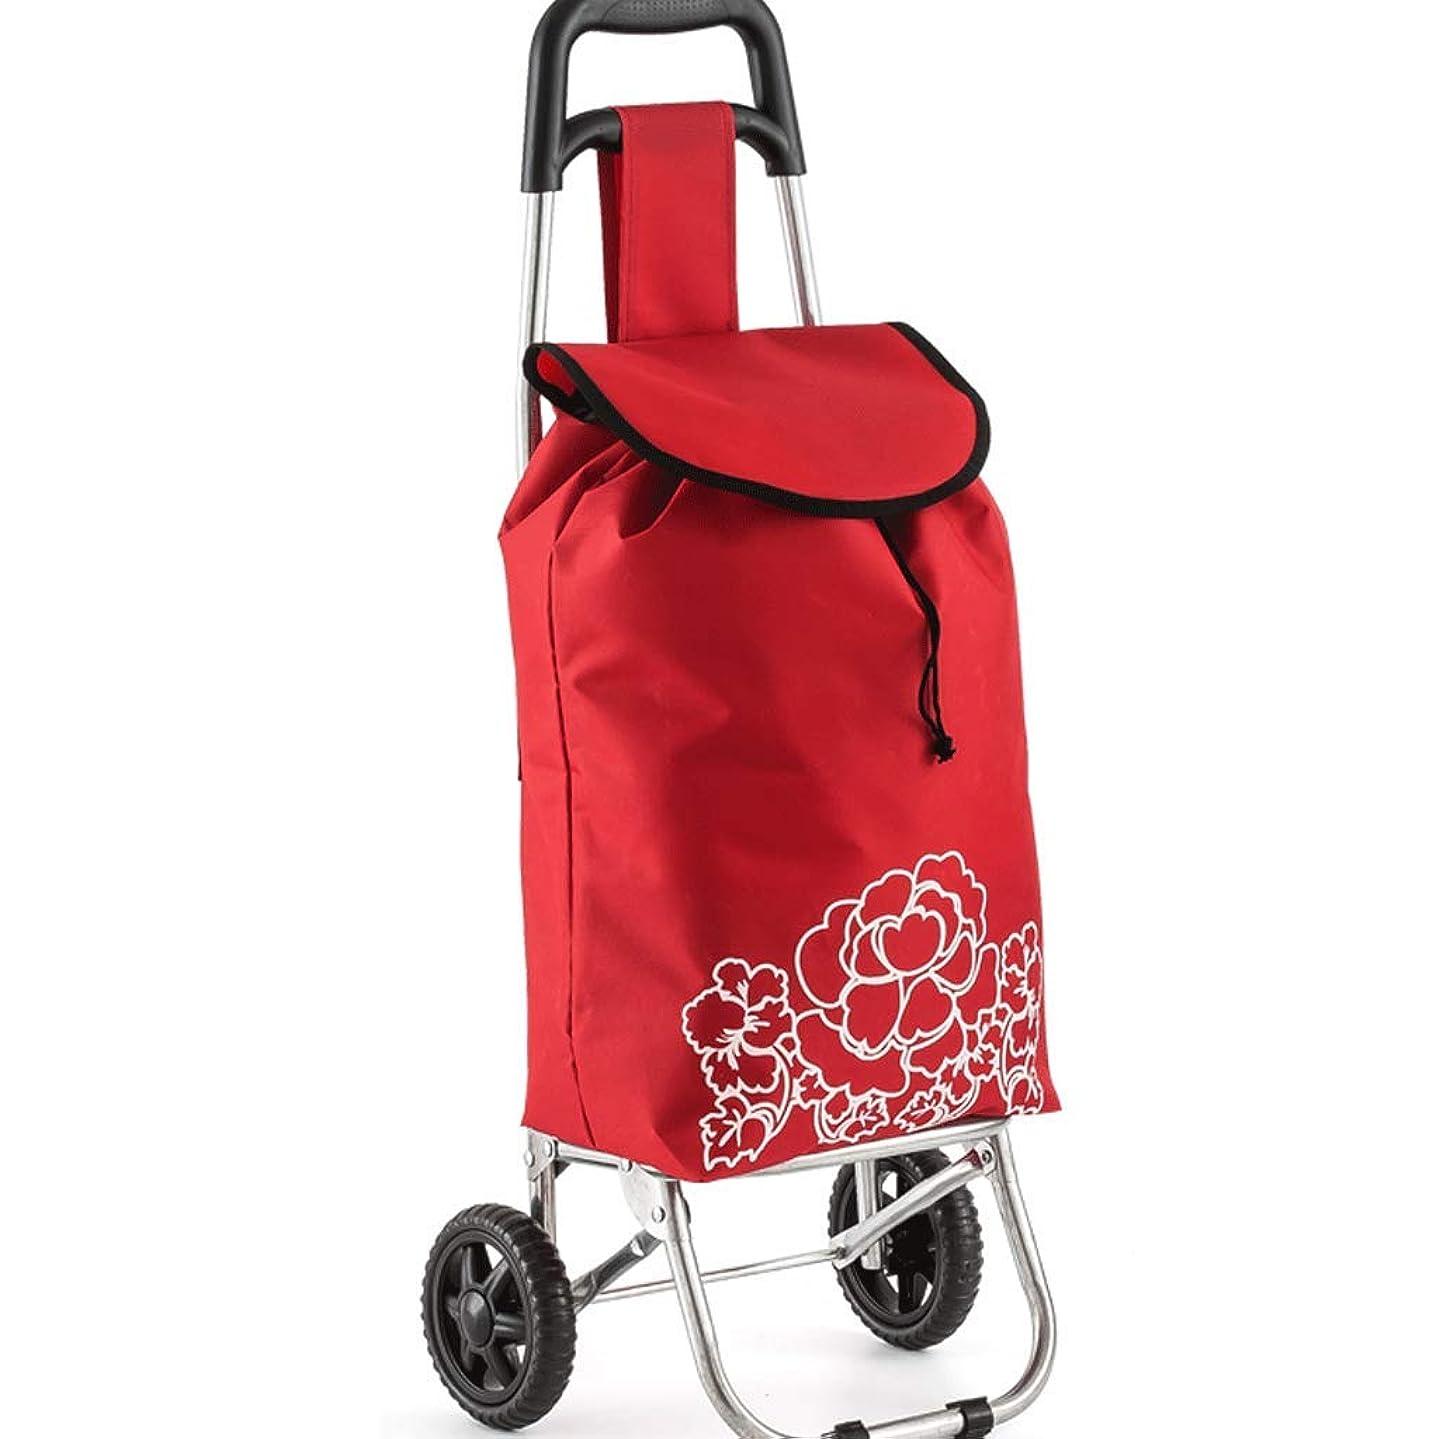 容疑者ペンス輝くByrhgood スタイリッシュな取り外し可能なポータブルハンドカートショッピングカート大容量軽量化